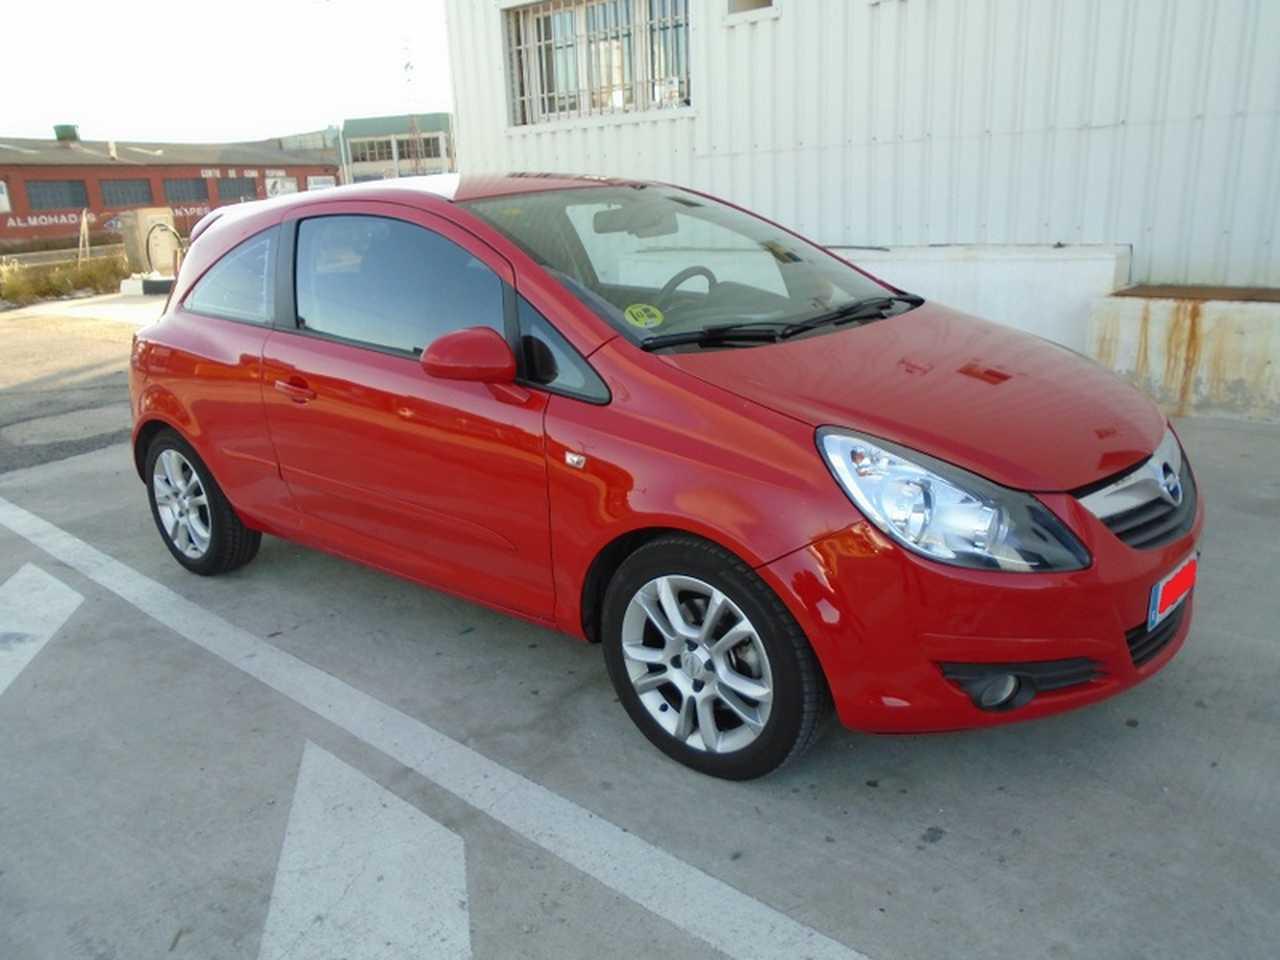 Opel Corsa 1.3 CDTI  90 CV  3 PUERTAS MOTOR POR CADENA   - Foto 1